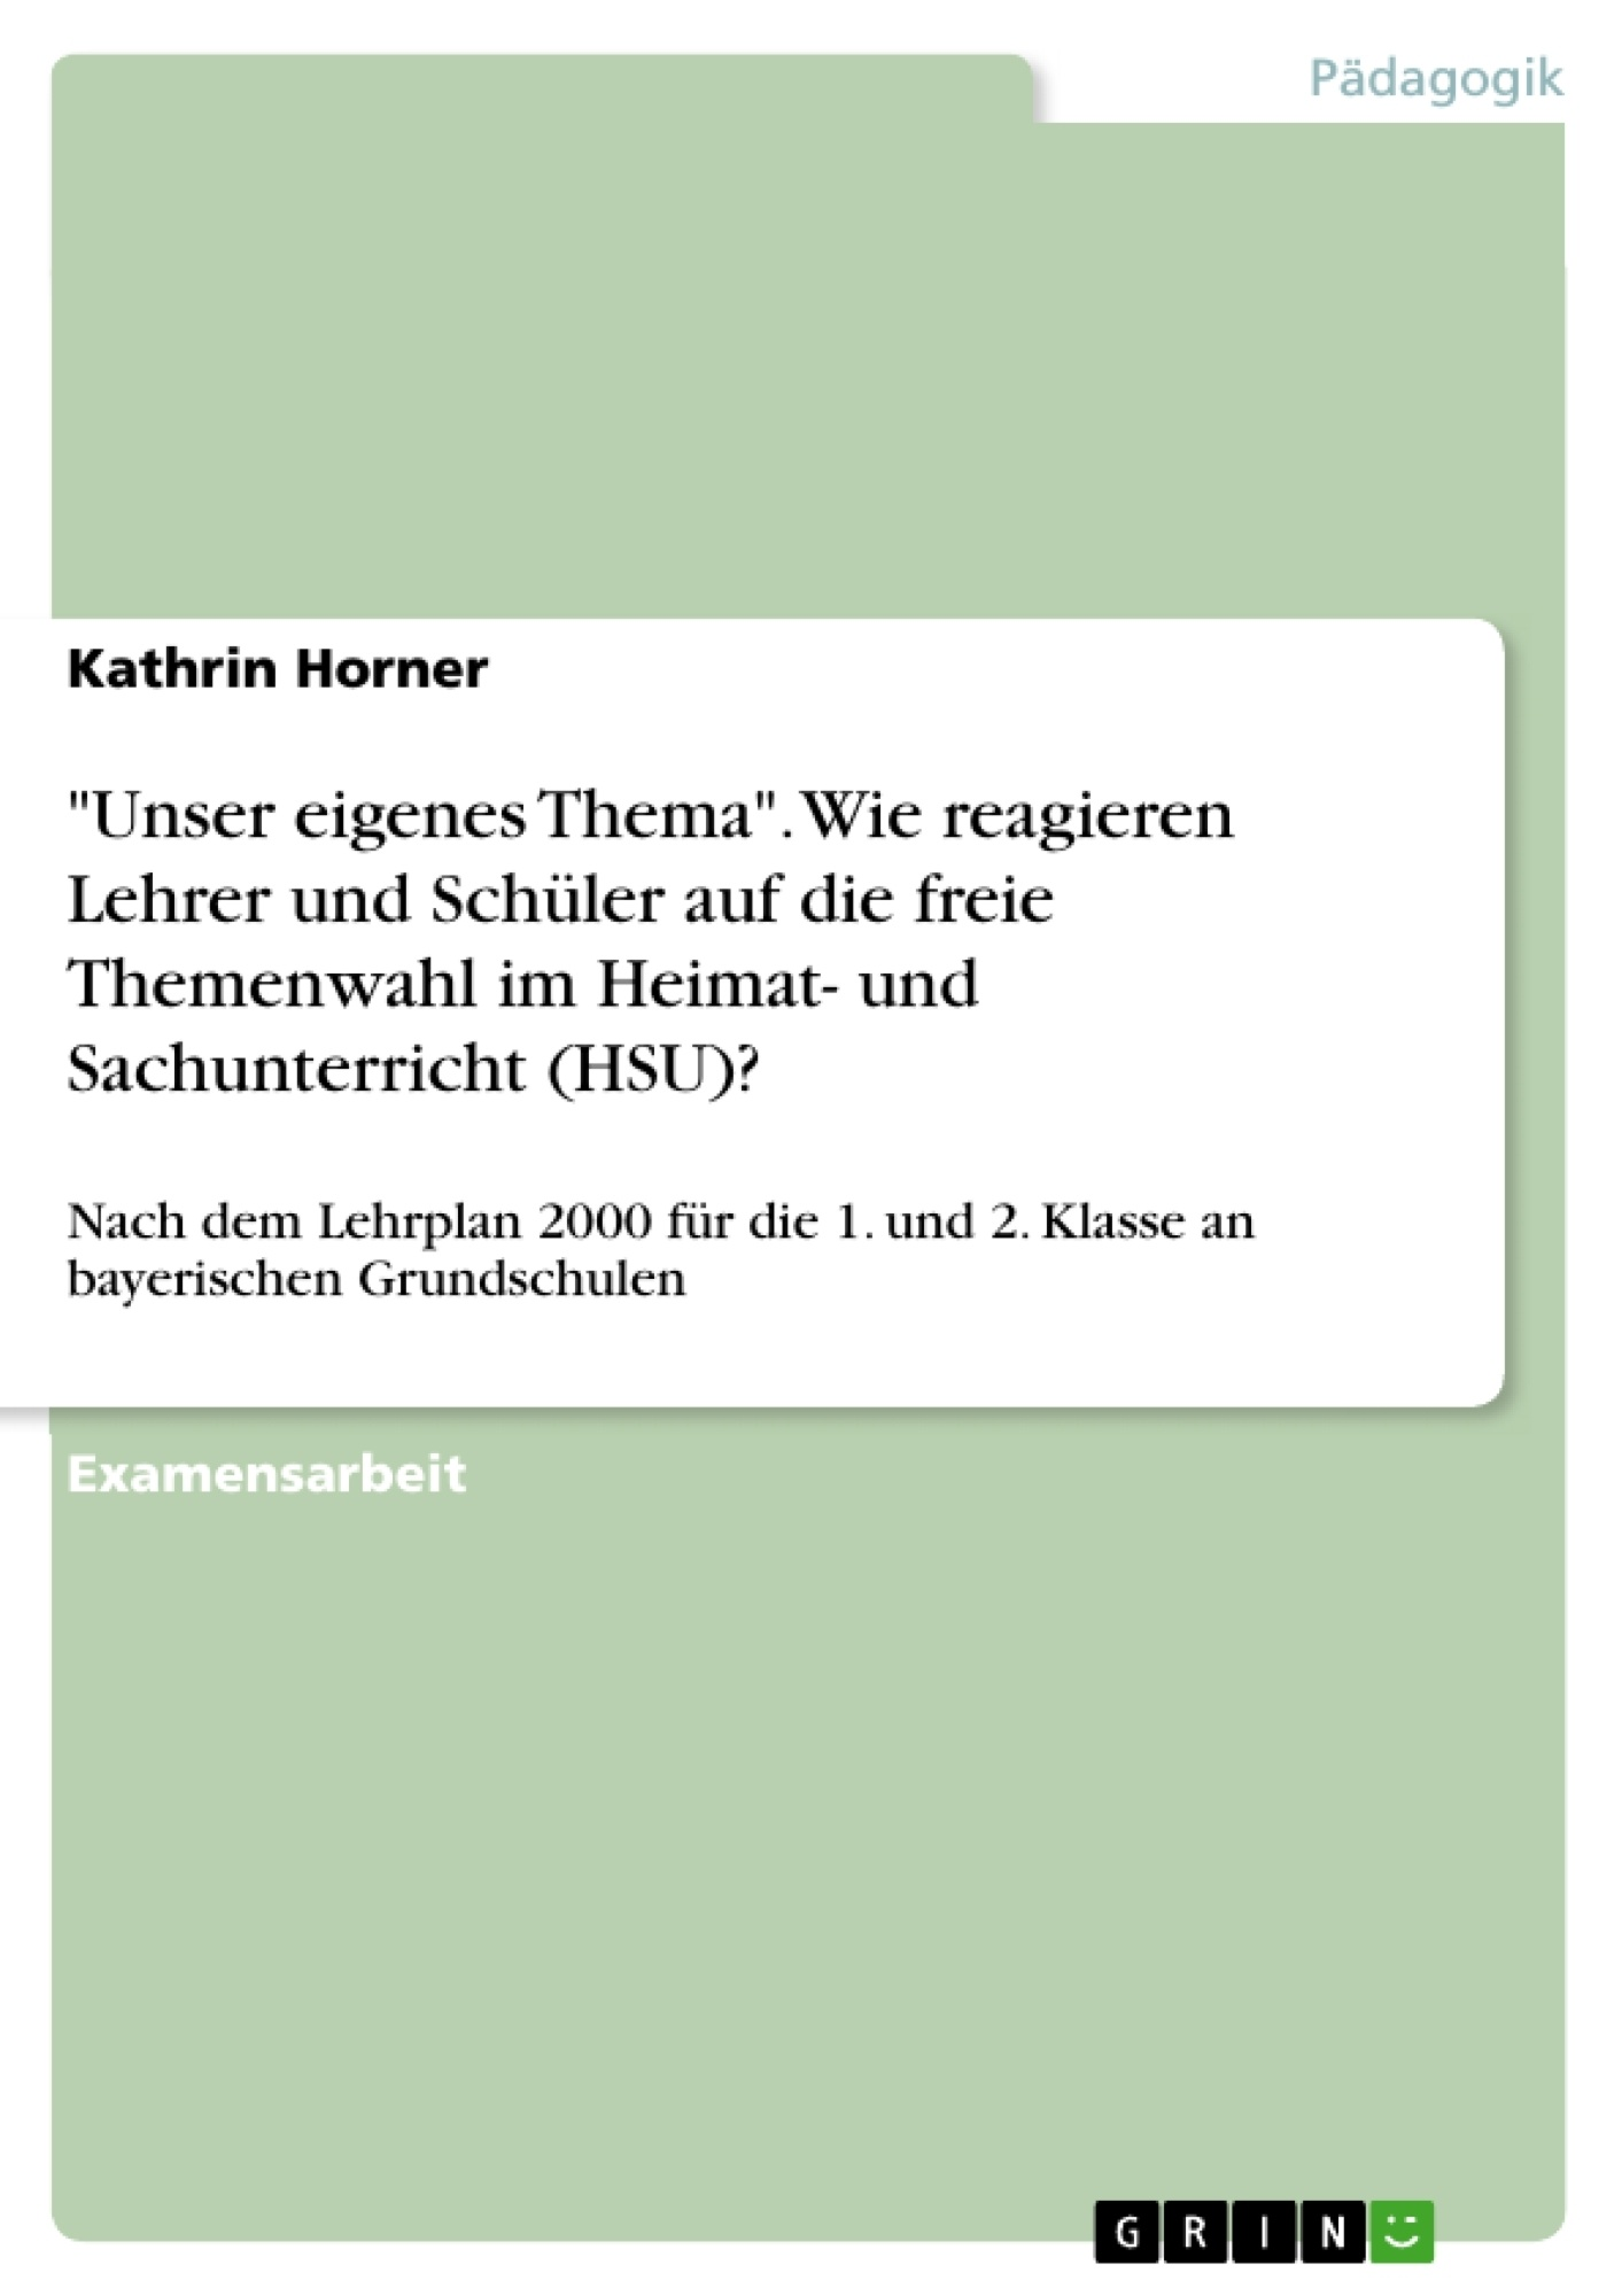 """Titel: """"Unser eigenes Thema"""". Wie reagieren Lehrer und Schüler auf die freie Themenwahl im Heimat- und Sachunterricht (HSU)?"""